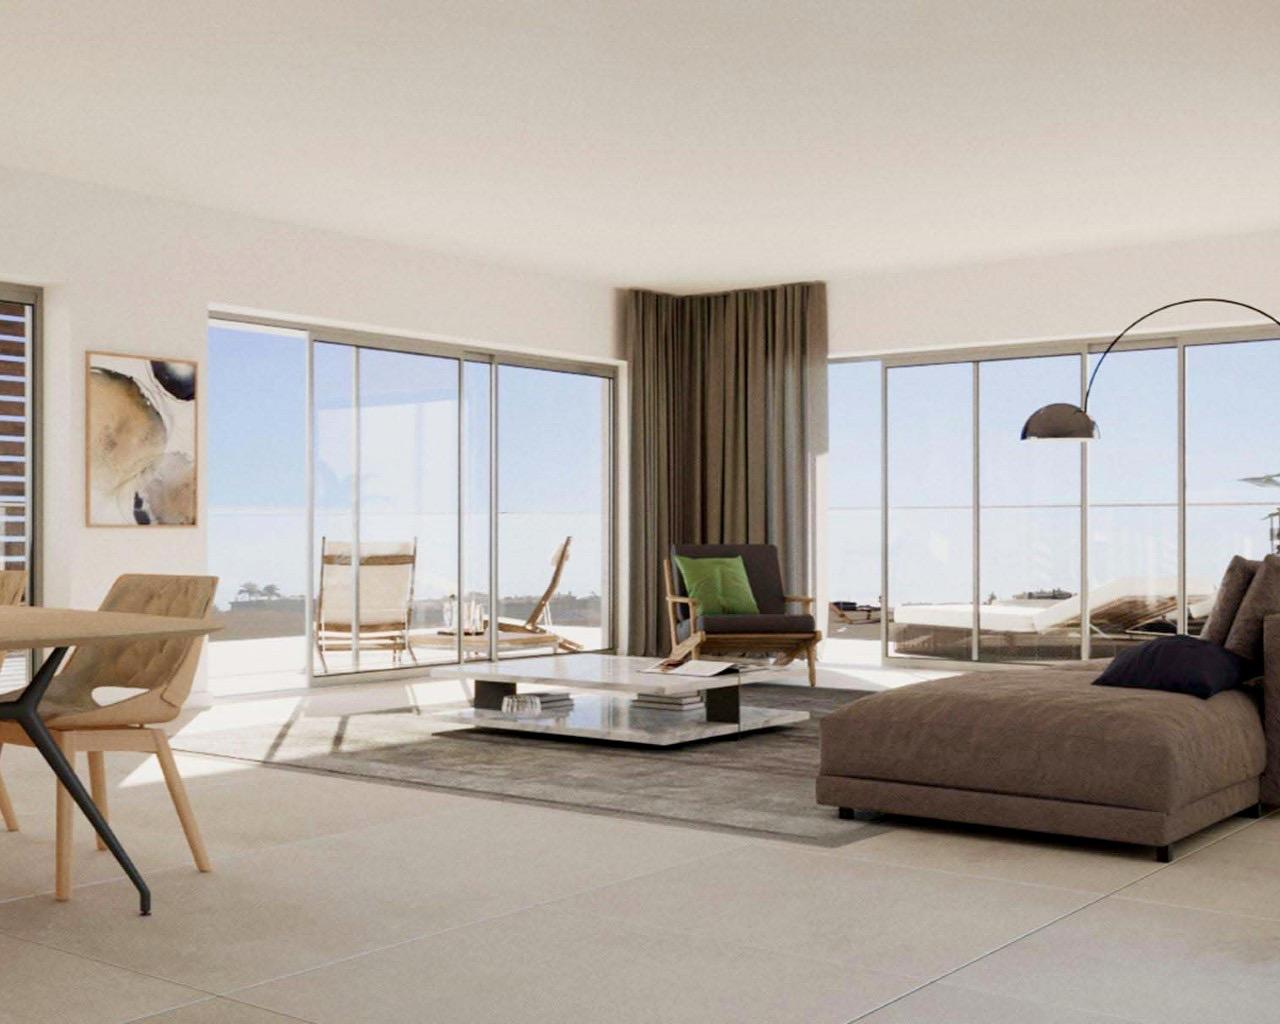 Résidence écologique avec récupération des eaux de pluies pour l'arrosage du Belle 2 chambre appartement avec terrace à Albufeira  - Algarve